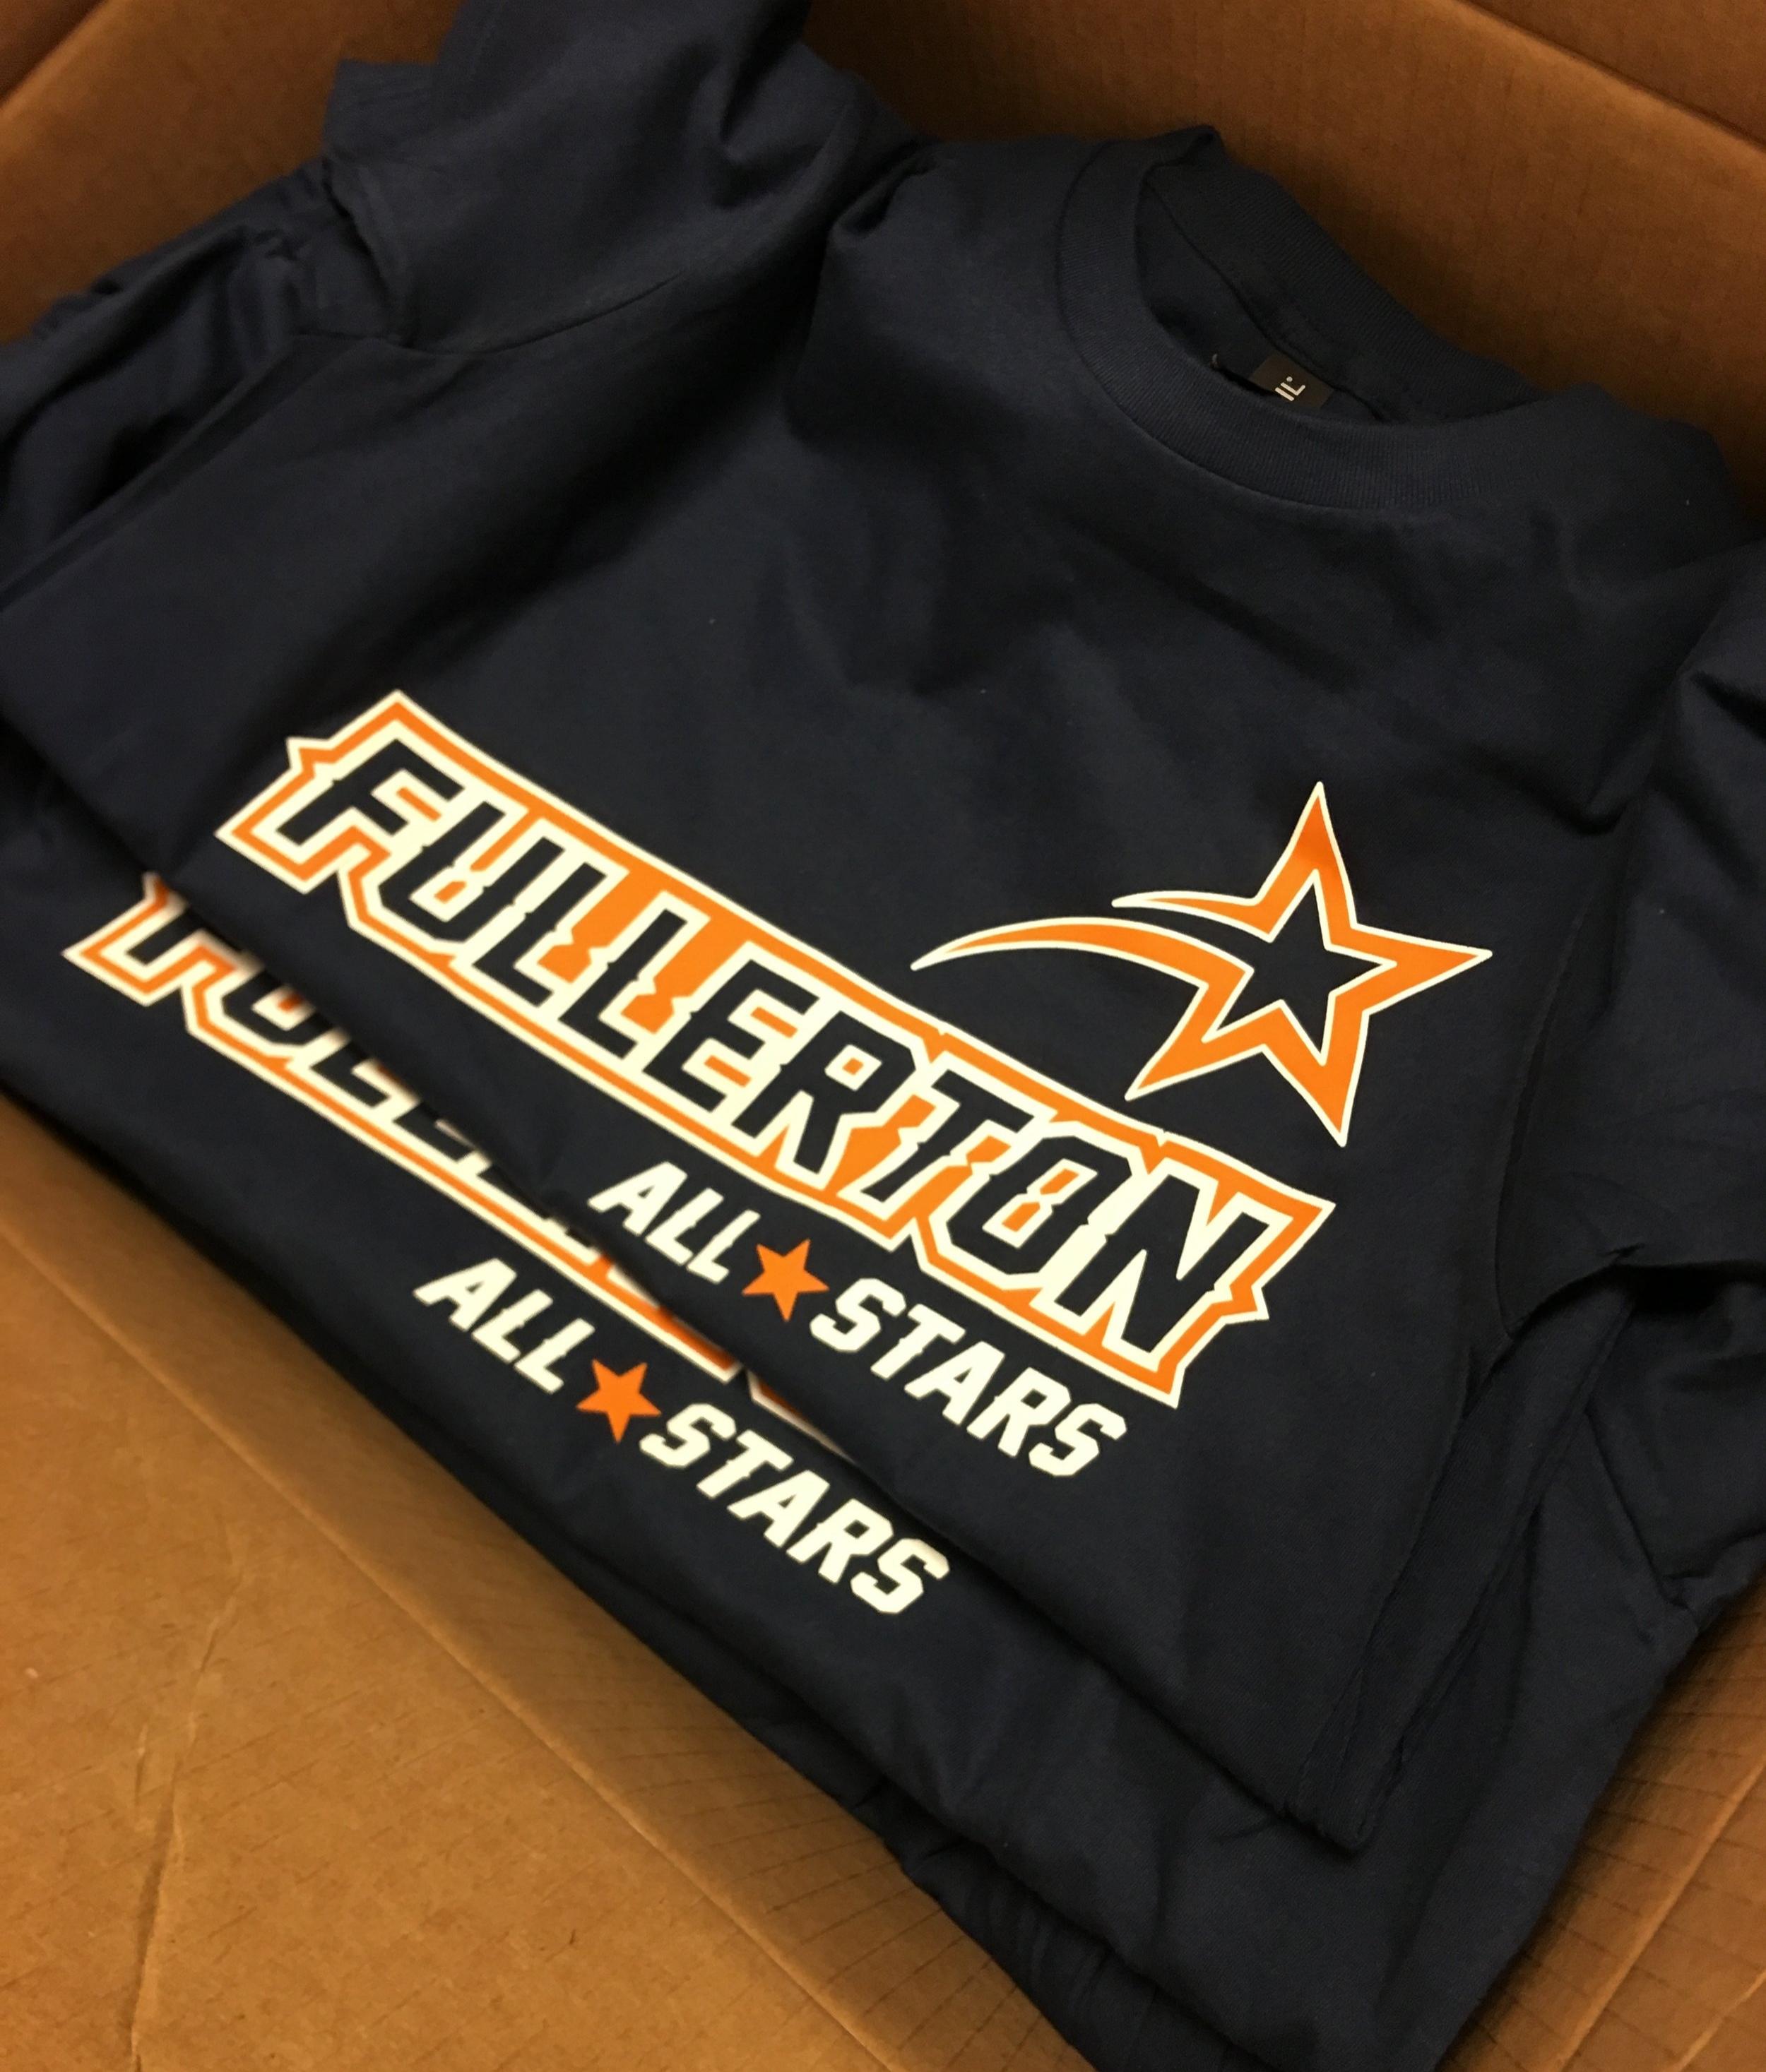 Fullerton Junior All Stars